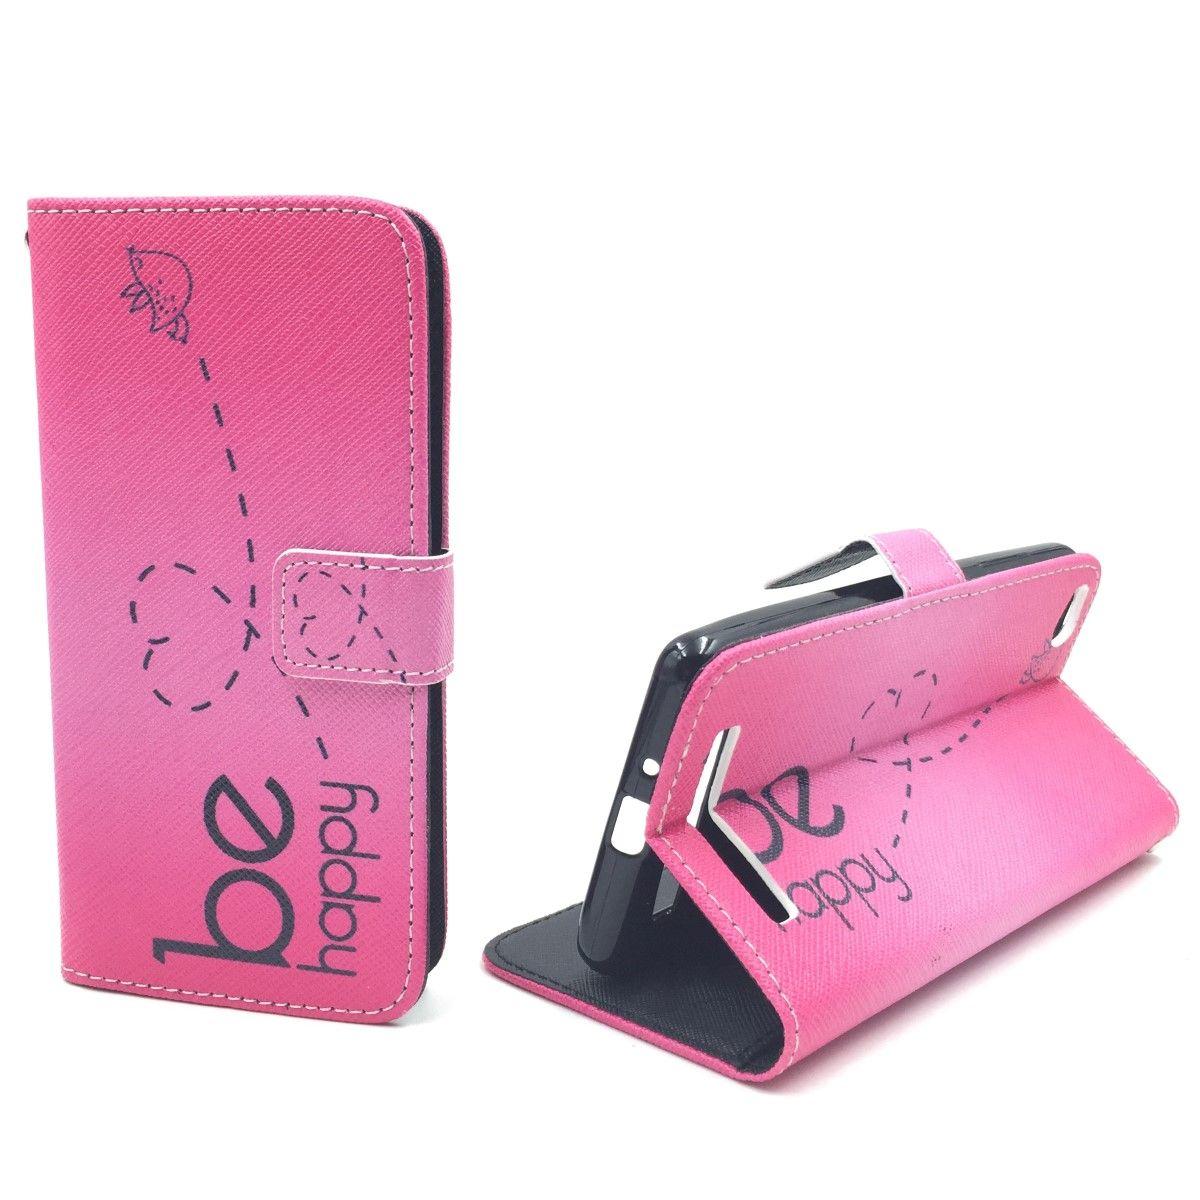 Handyhülle Tasche für Handy Xiaomi Redmi 3 Be Happy Pink